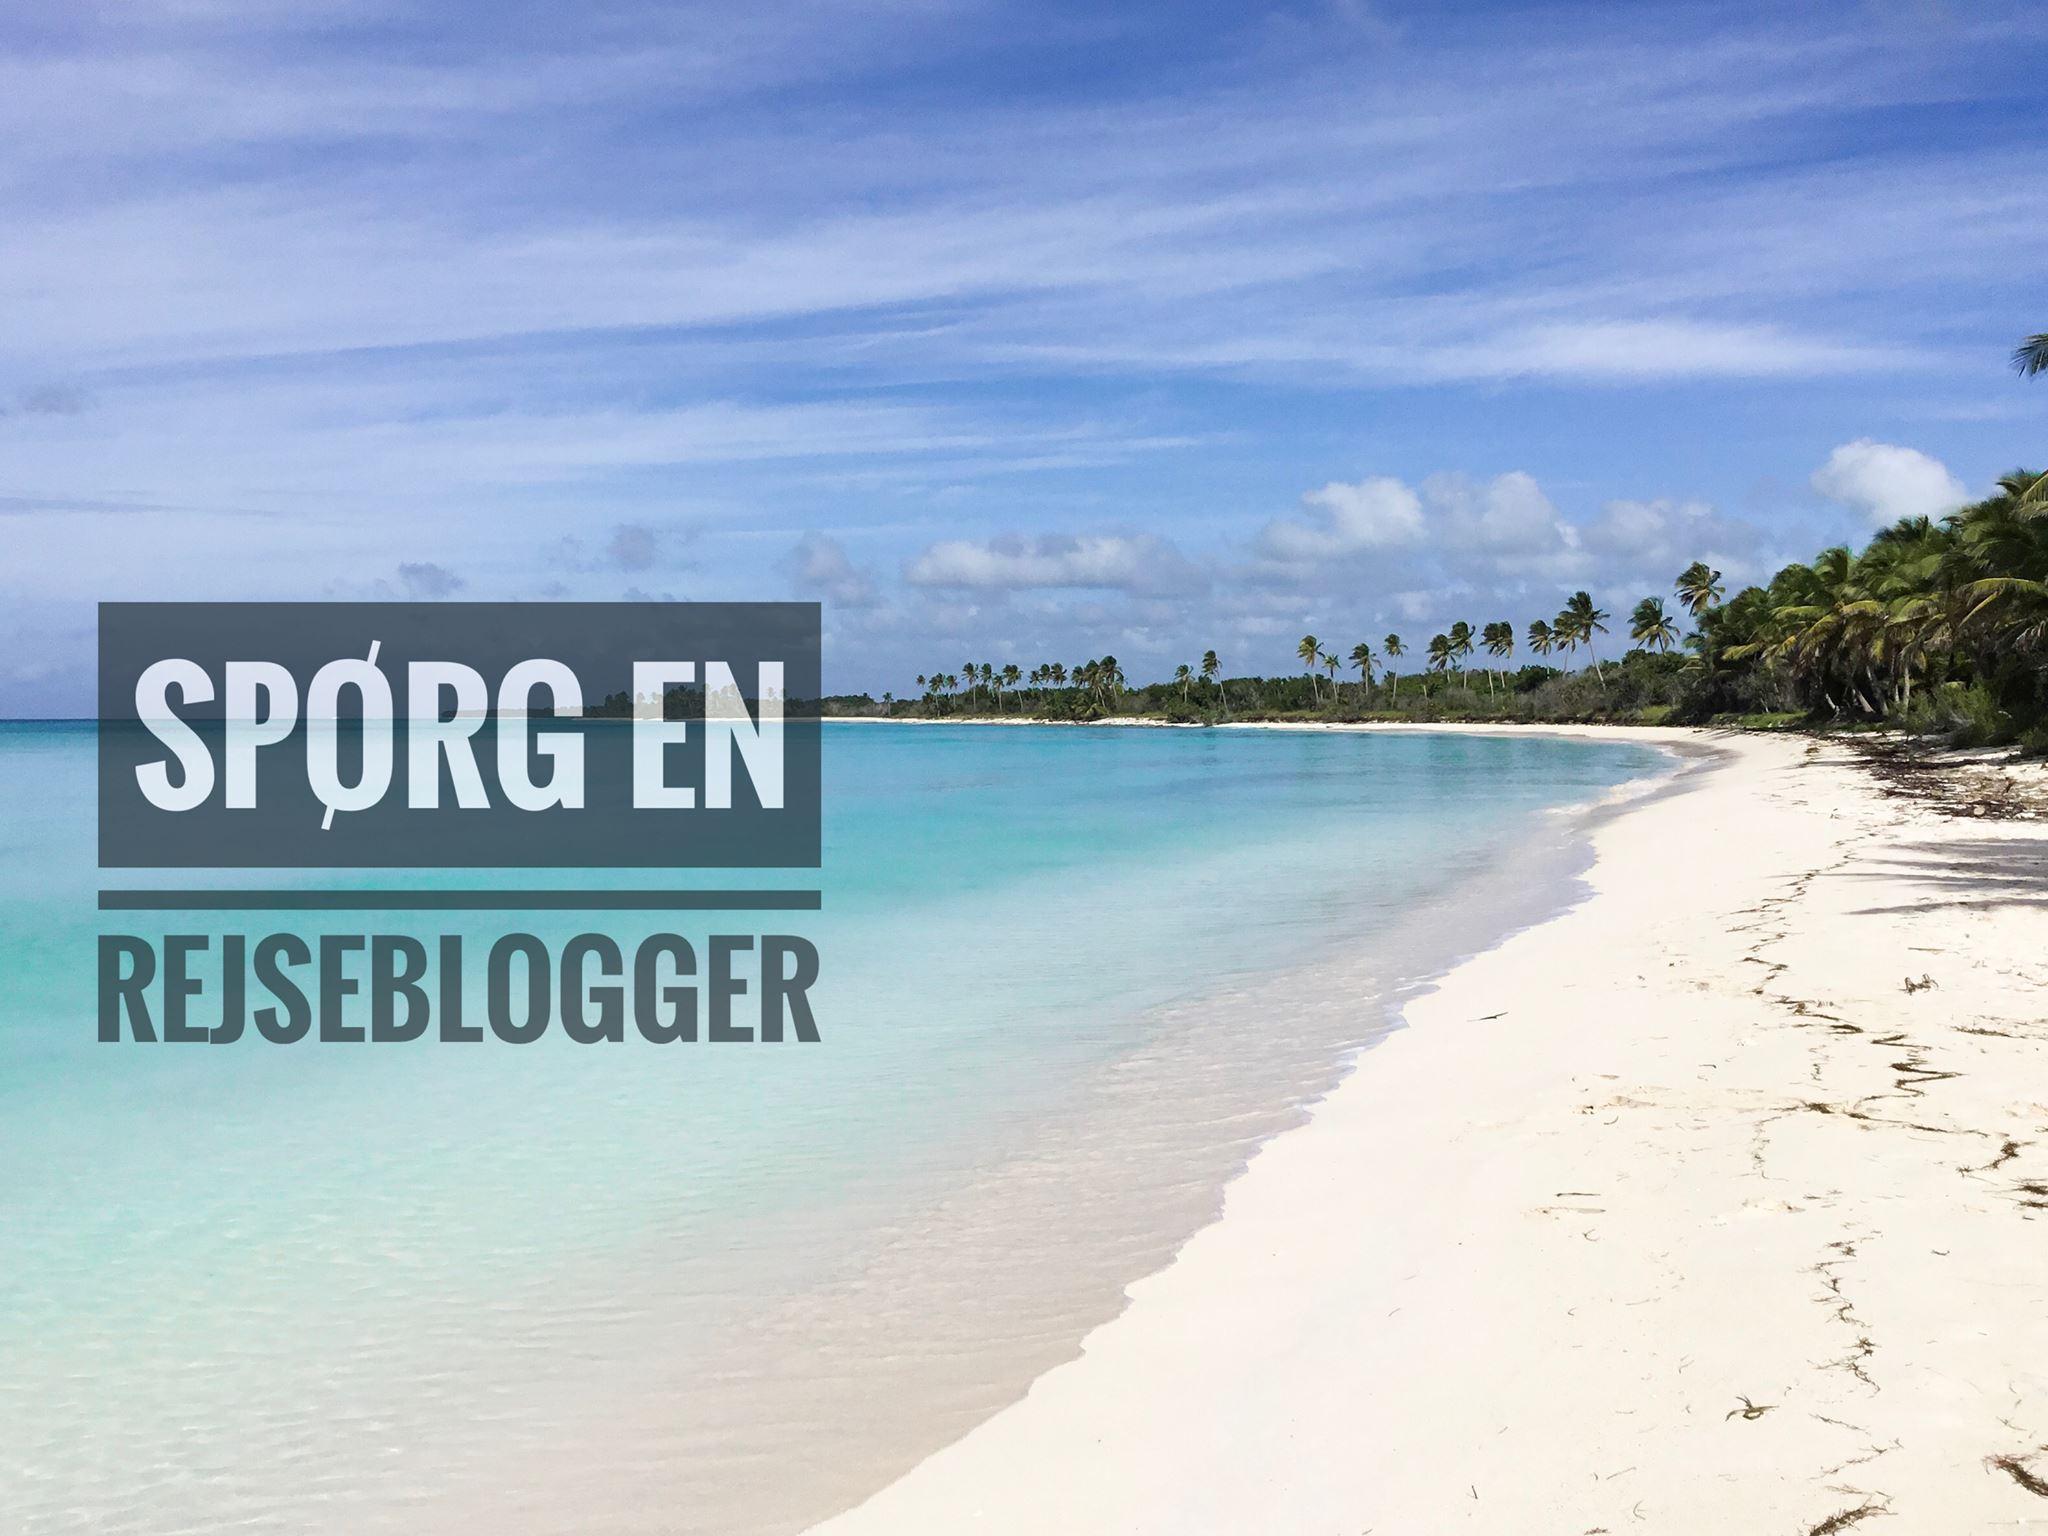 spoerg en rejseblogger